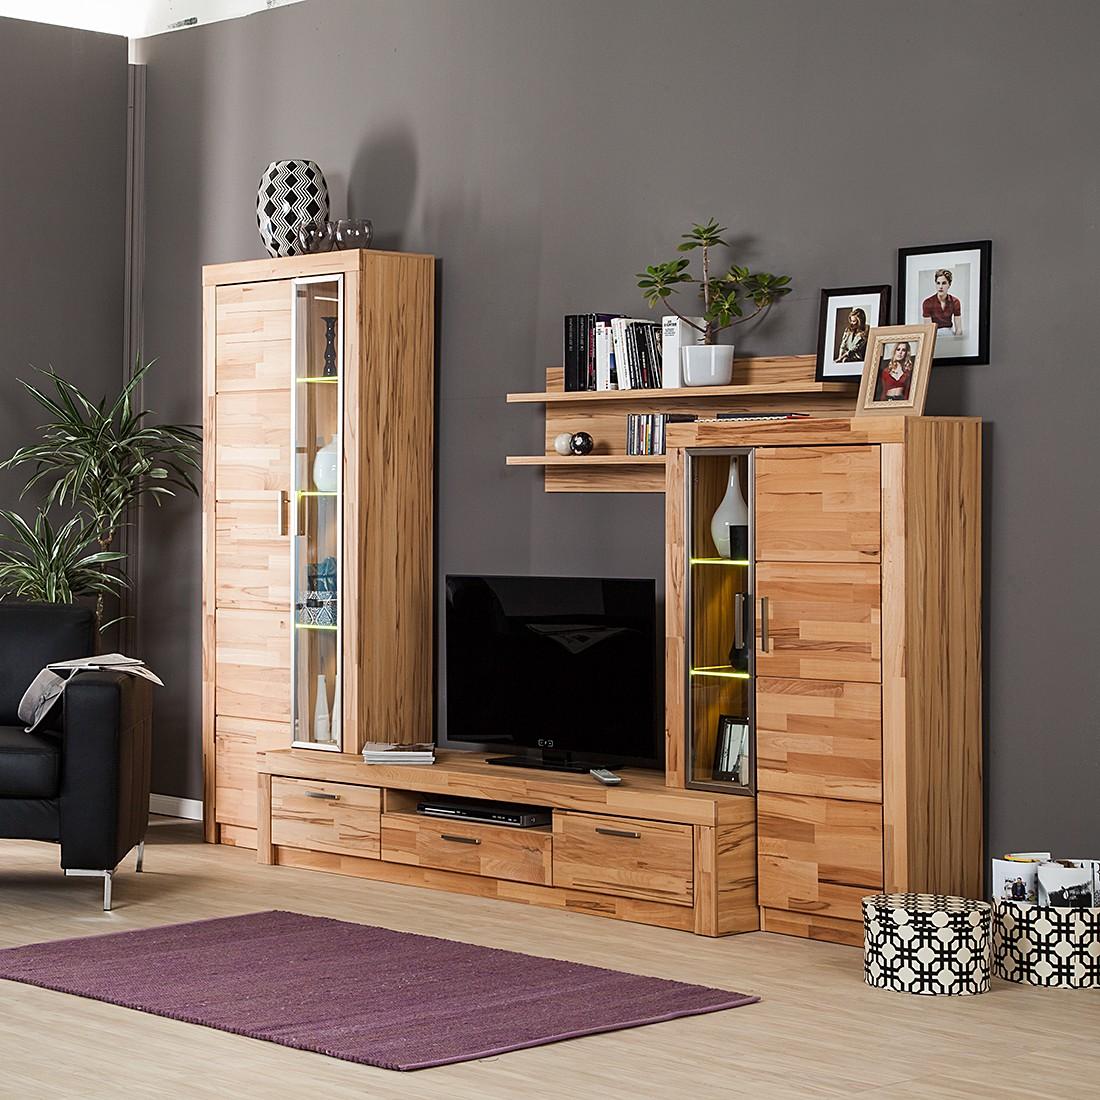 Wohnzimmerschrank Erle Massiv Gebraucht Schrankwand Kirschbaum De Pumpink Schlafzimmer Braun Wei Streichen